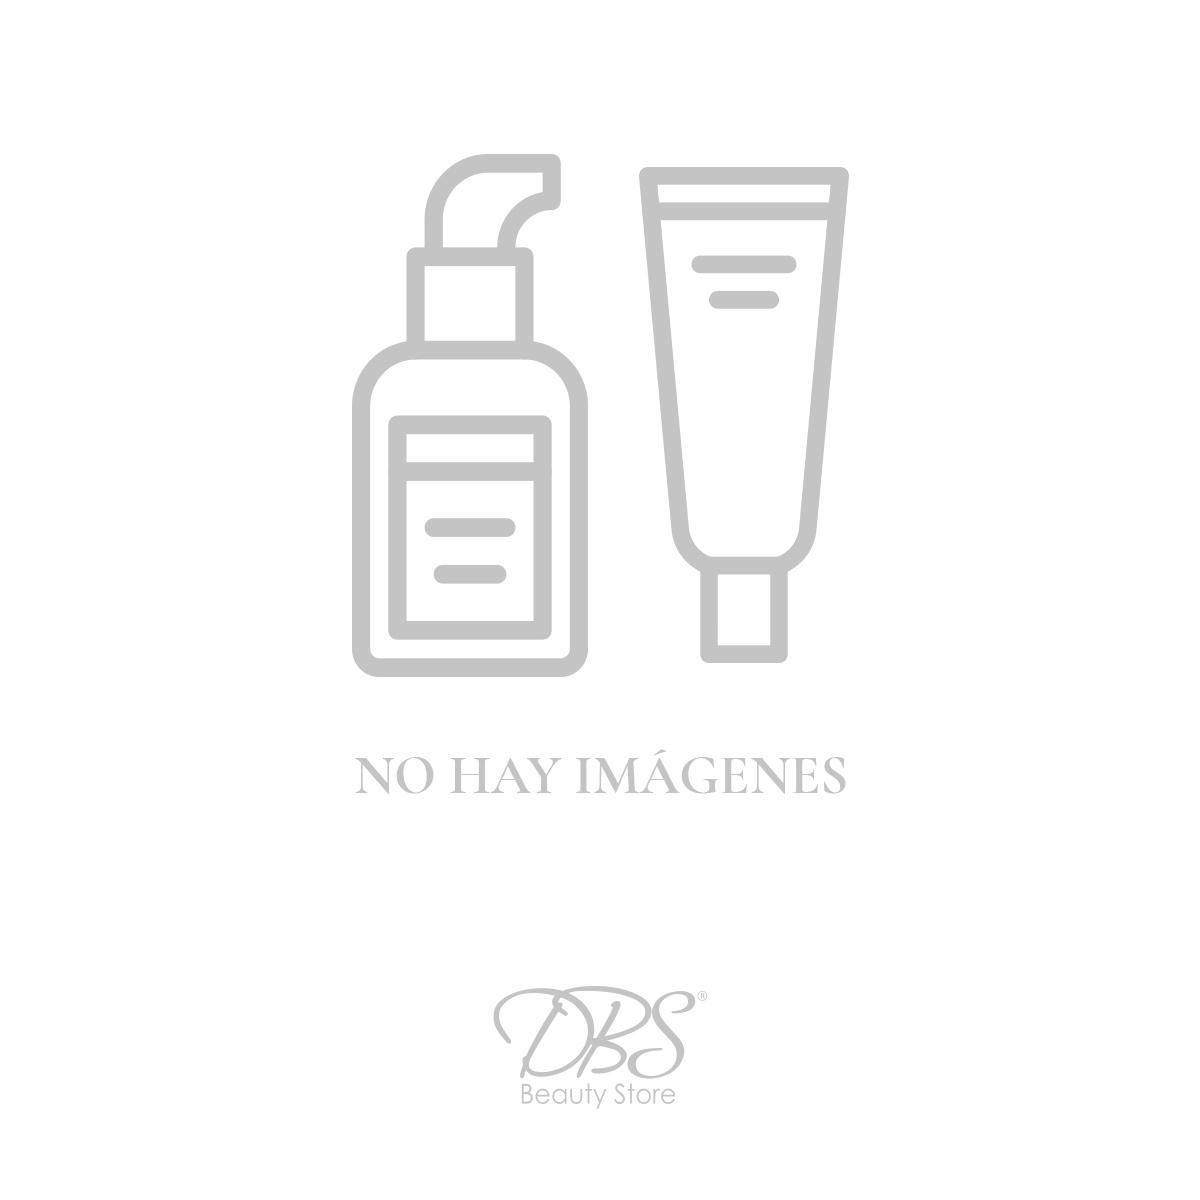 dbs-cosmetics-DBS-SCH5322-MP.jpg